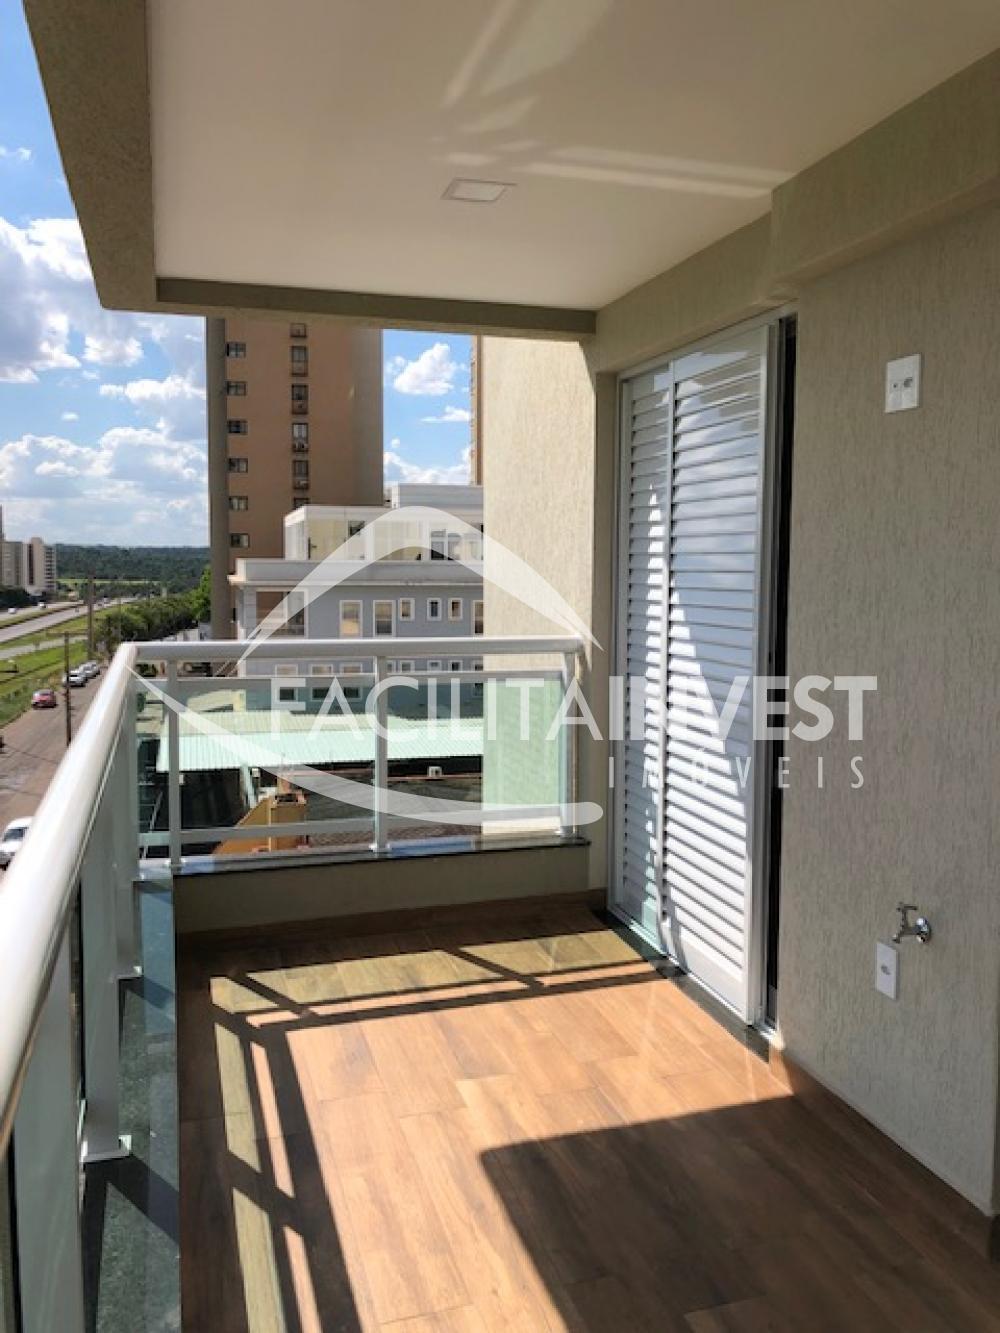 Alugar Lançamentos/ Empreendimentos em Construç / Apartamento padrão - Lançamento em Ribeirão Preto apenas R$ 1.200,00 - Foto 13